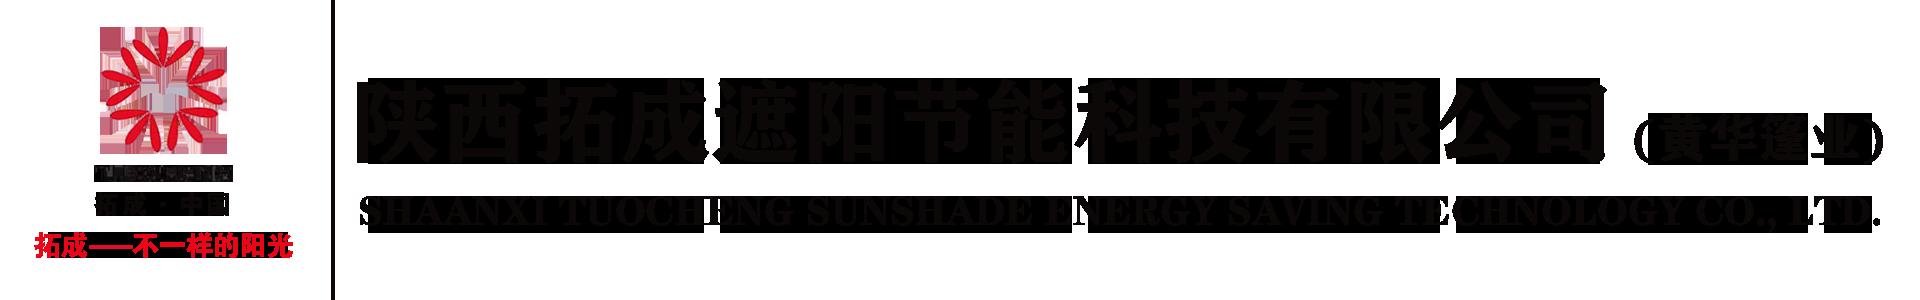 陕西拓成遮阳节能科技有限公司